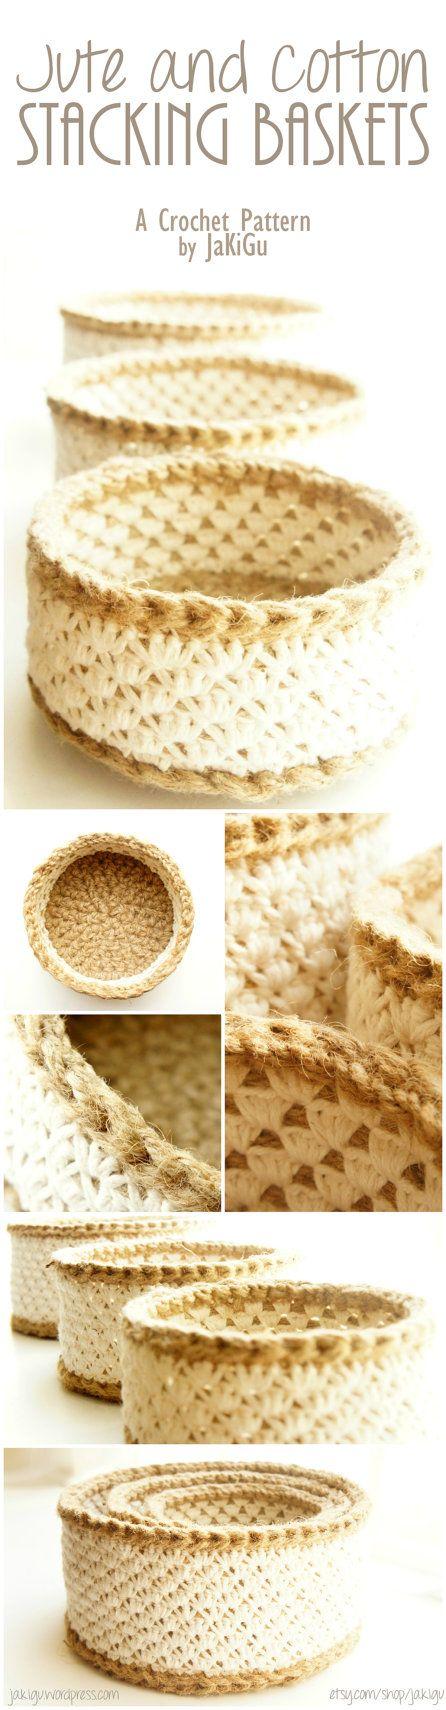 Apilando cestas de ganchillo patrón yute y encaje por JaKiGu